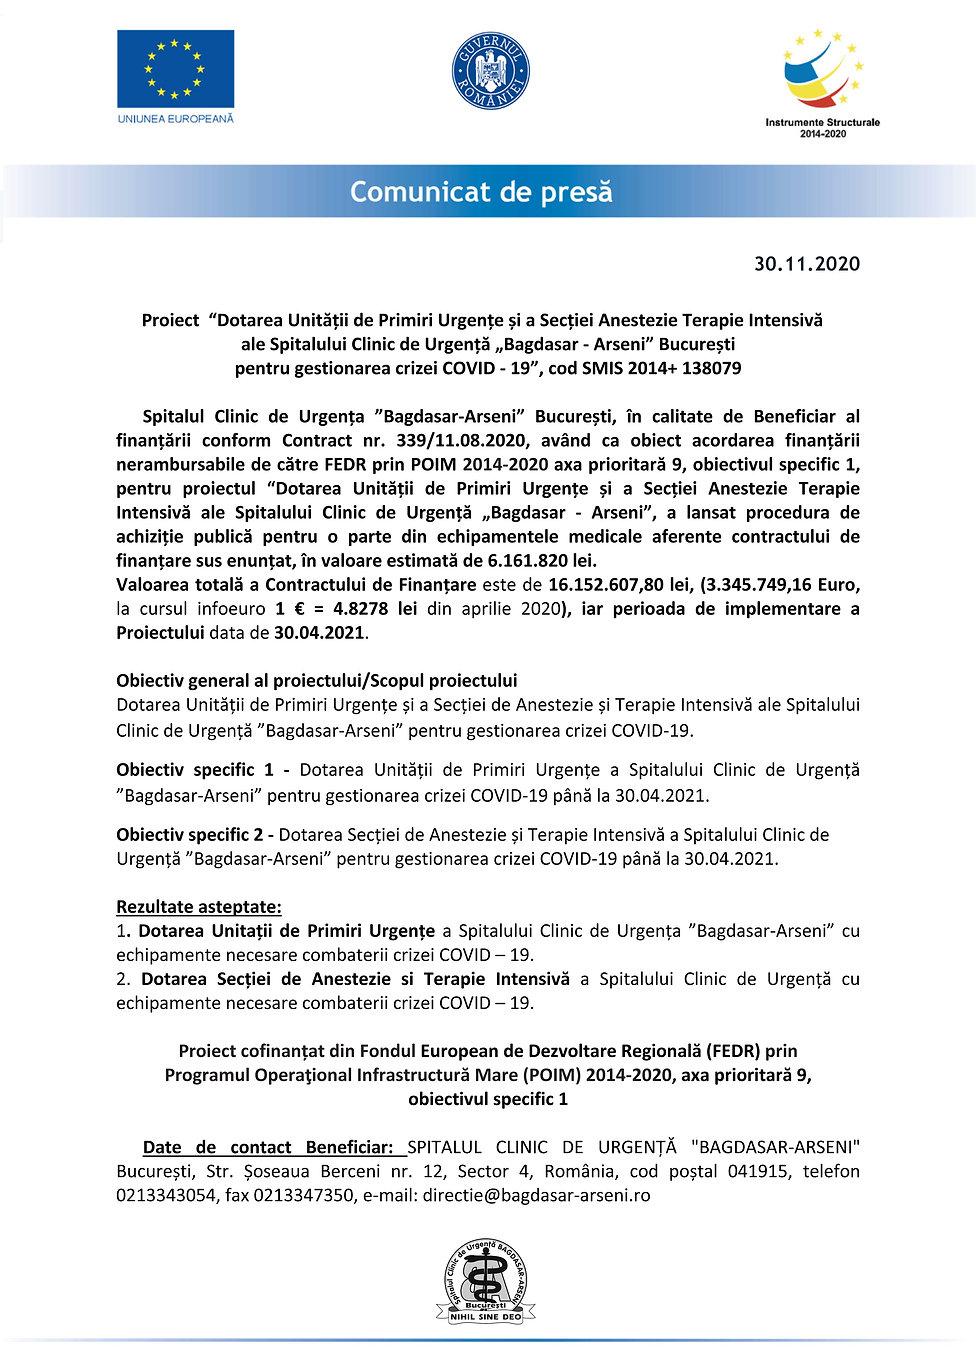 Comunicat_de_Presa_MFE-1.jpg